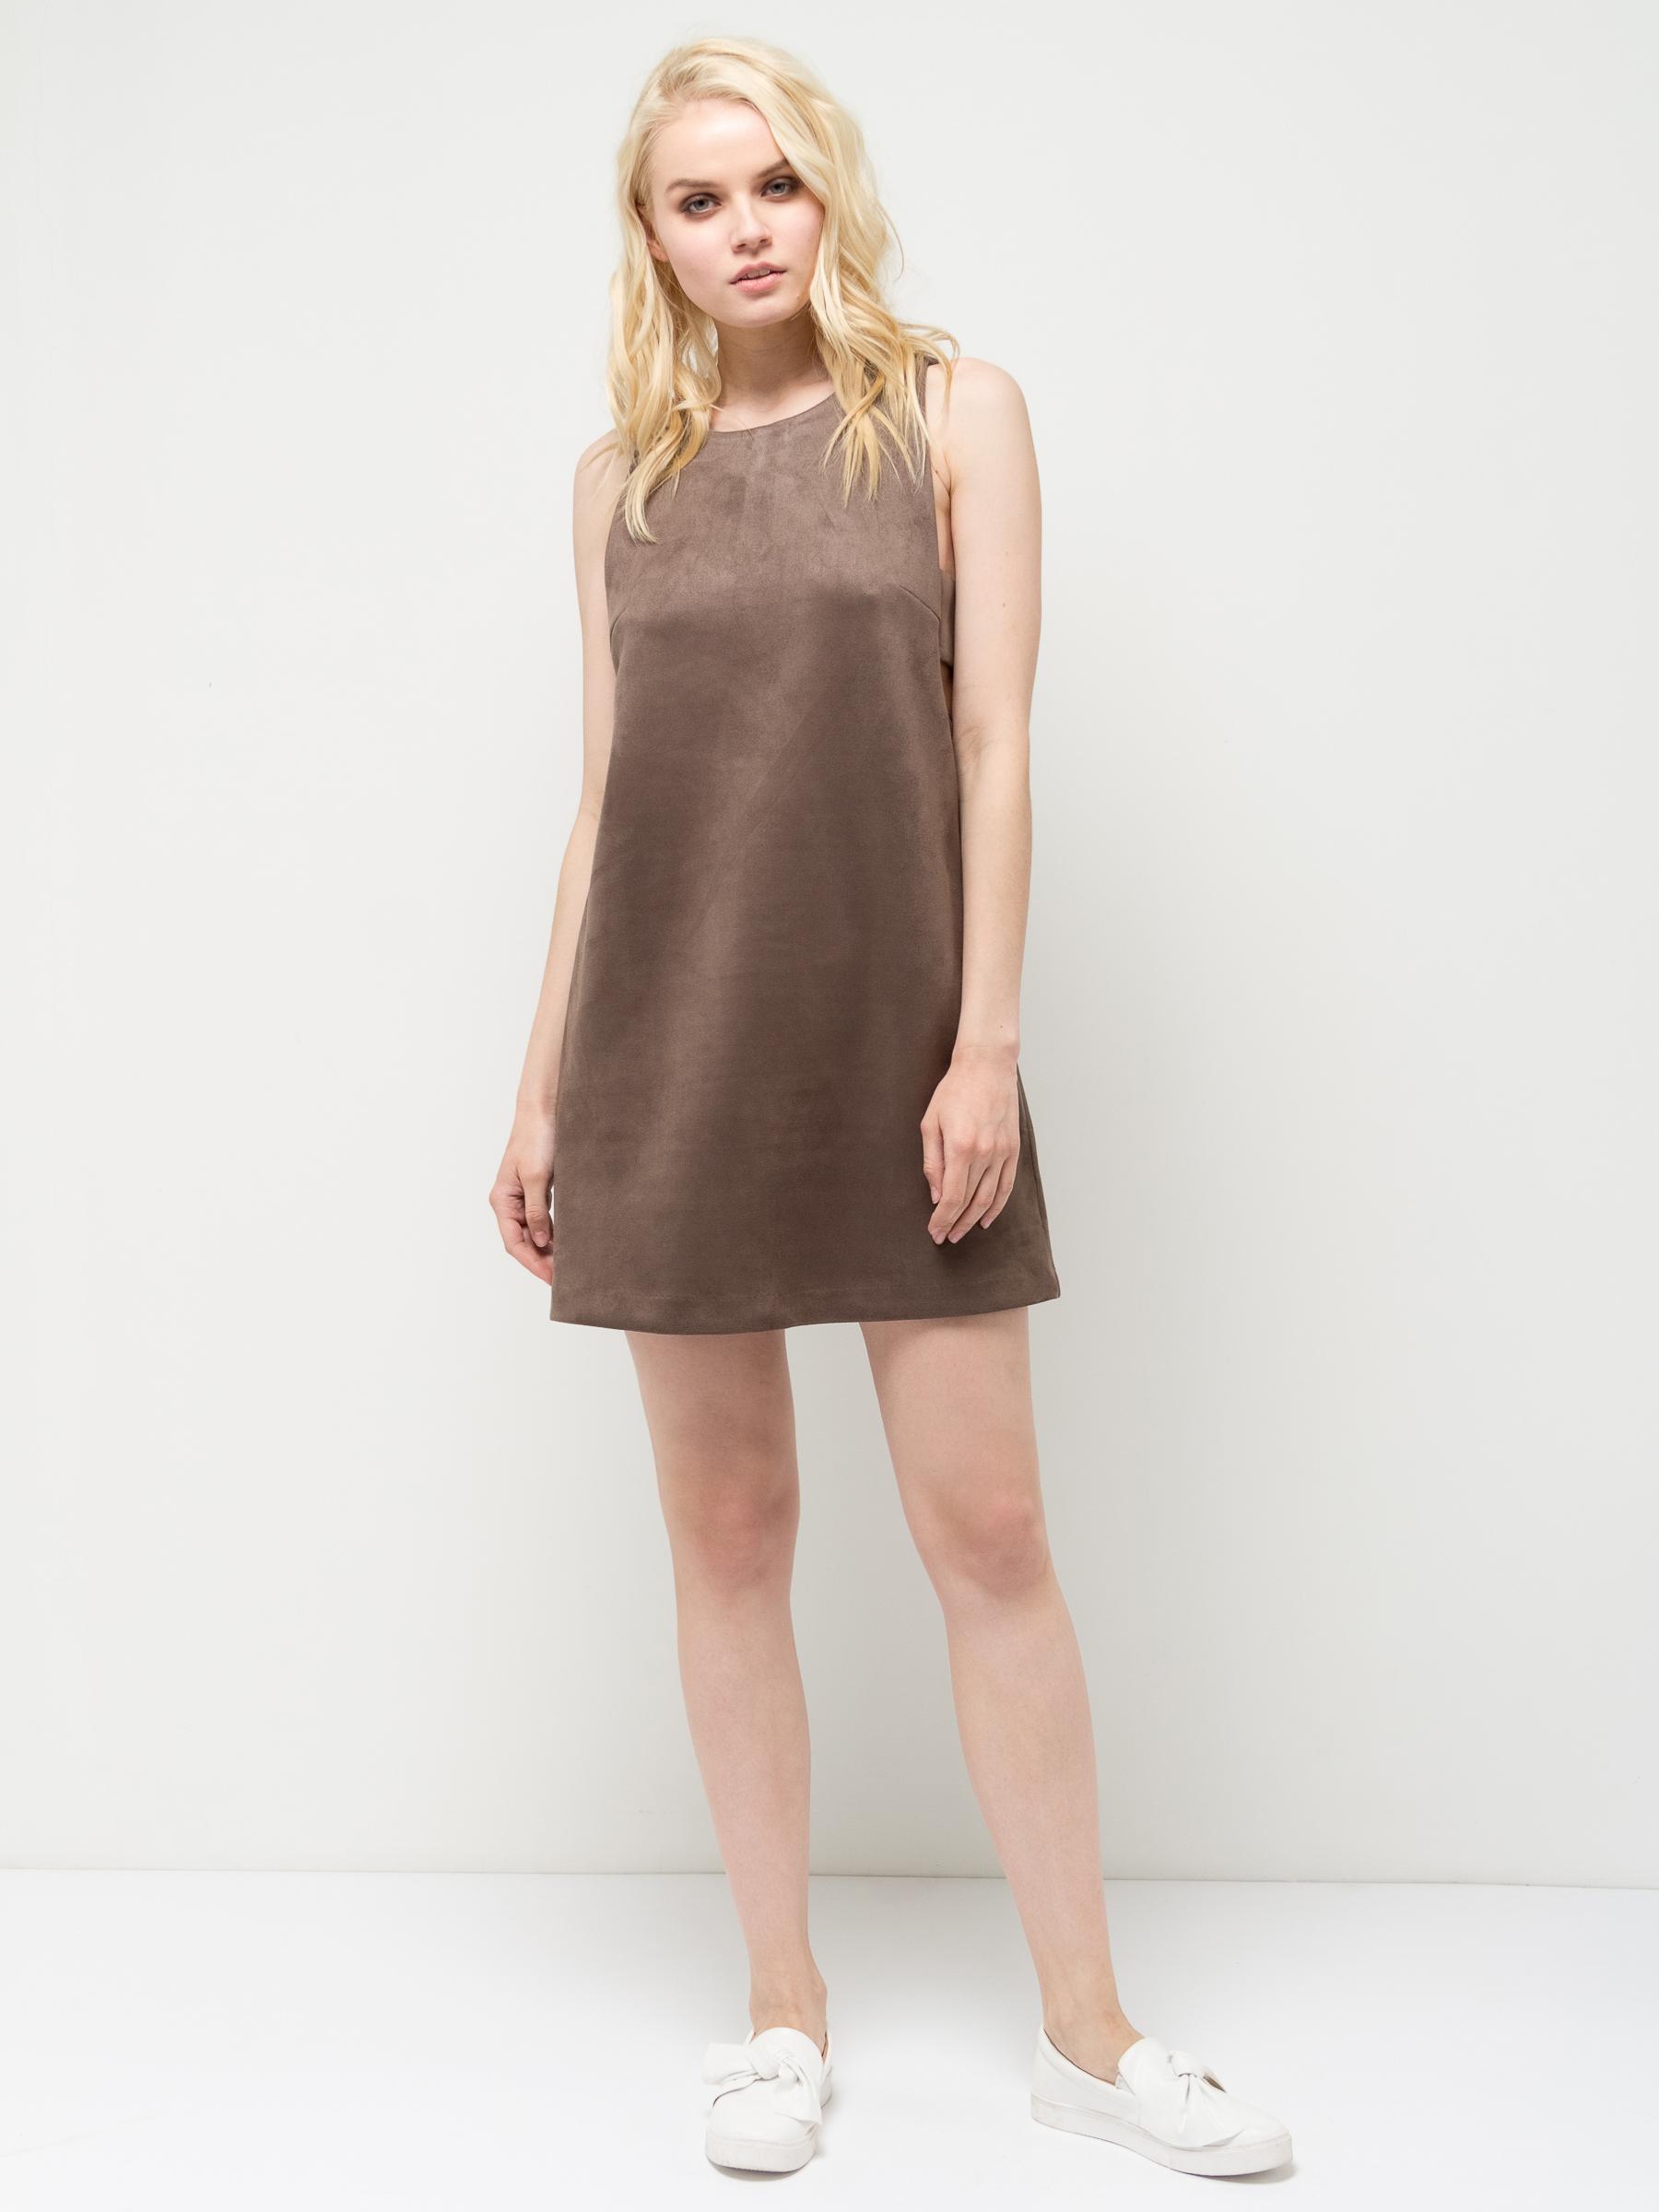 Платье Sela, цвет: серо-коричневый. Dksl-317/1147-7112. Размер M (46)Dksl-317/1147-7112Оригинальное женское платье-сарафан Sela выполнено из качественного трикотажа. Модель А-силуэта с круглым вырезом горловины застегивается на короткую металлическую молнию на спинке. Глубокие проймы дополнены широкими текстильными полосками. Платье мини-длины можно комбинировать с блузами и рубашками, благодаря чему оно подойдет не только для прогулок и дружеских встреч, но и для офиса. Мягкая ткань на основе полиэстера и эластана комфортна и приятна на ощупь.